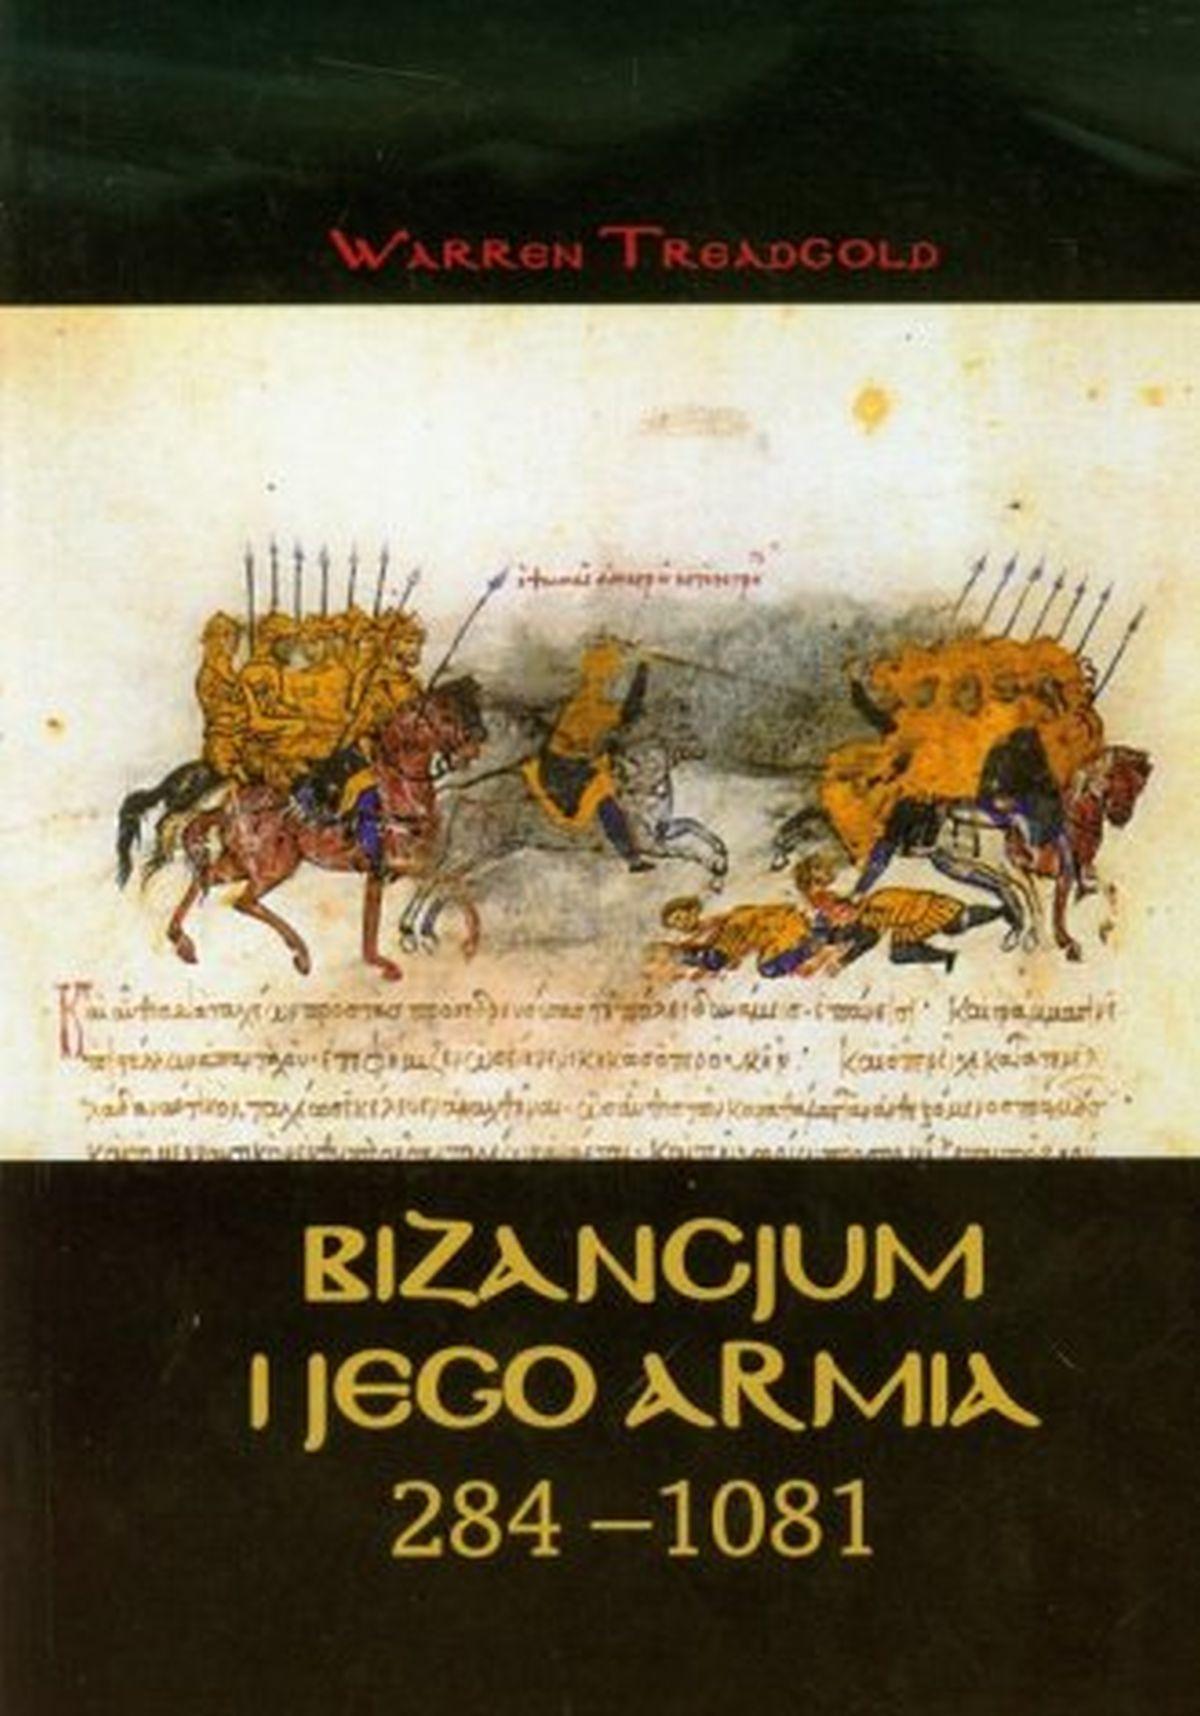 Warren Treadgold, Bizancjum i jego armia 284-1081